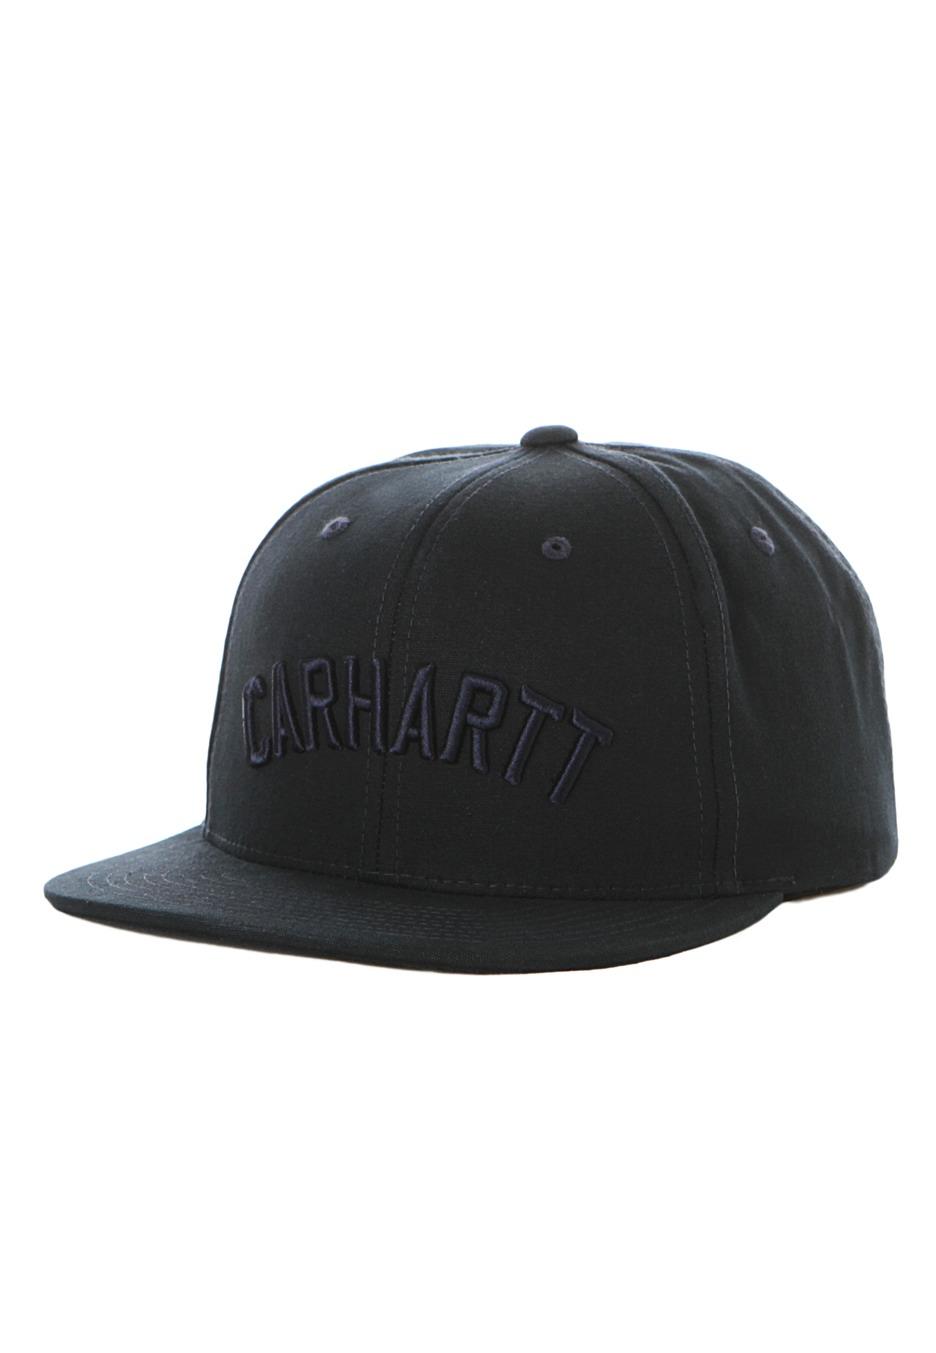 78b0312e0aa69 Carhartt WIP - On Track Navy Starter Snapback - Cap - Streetwear ...